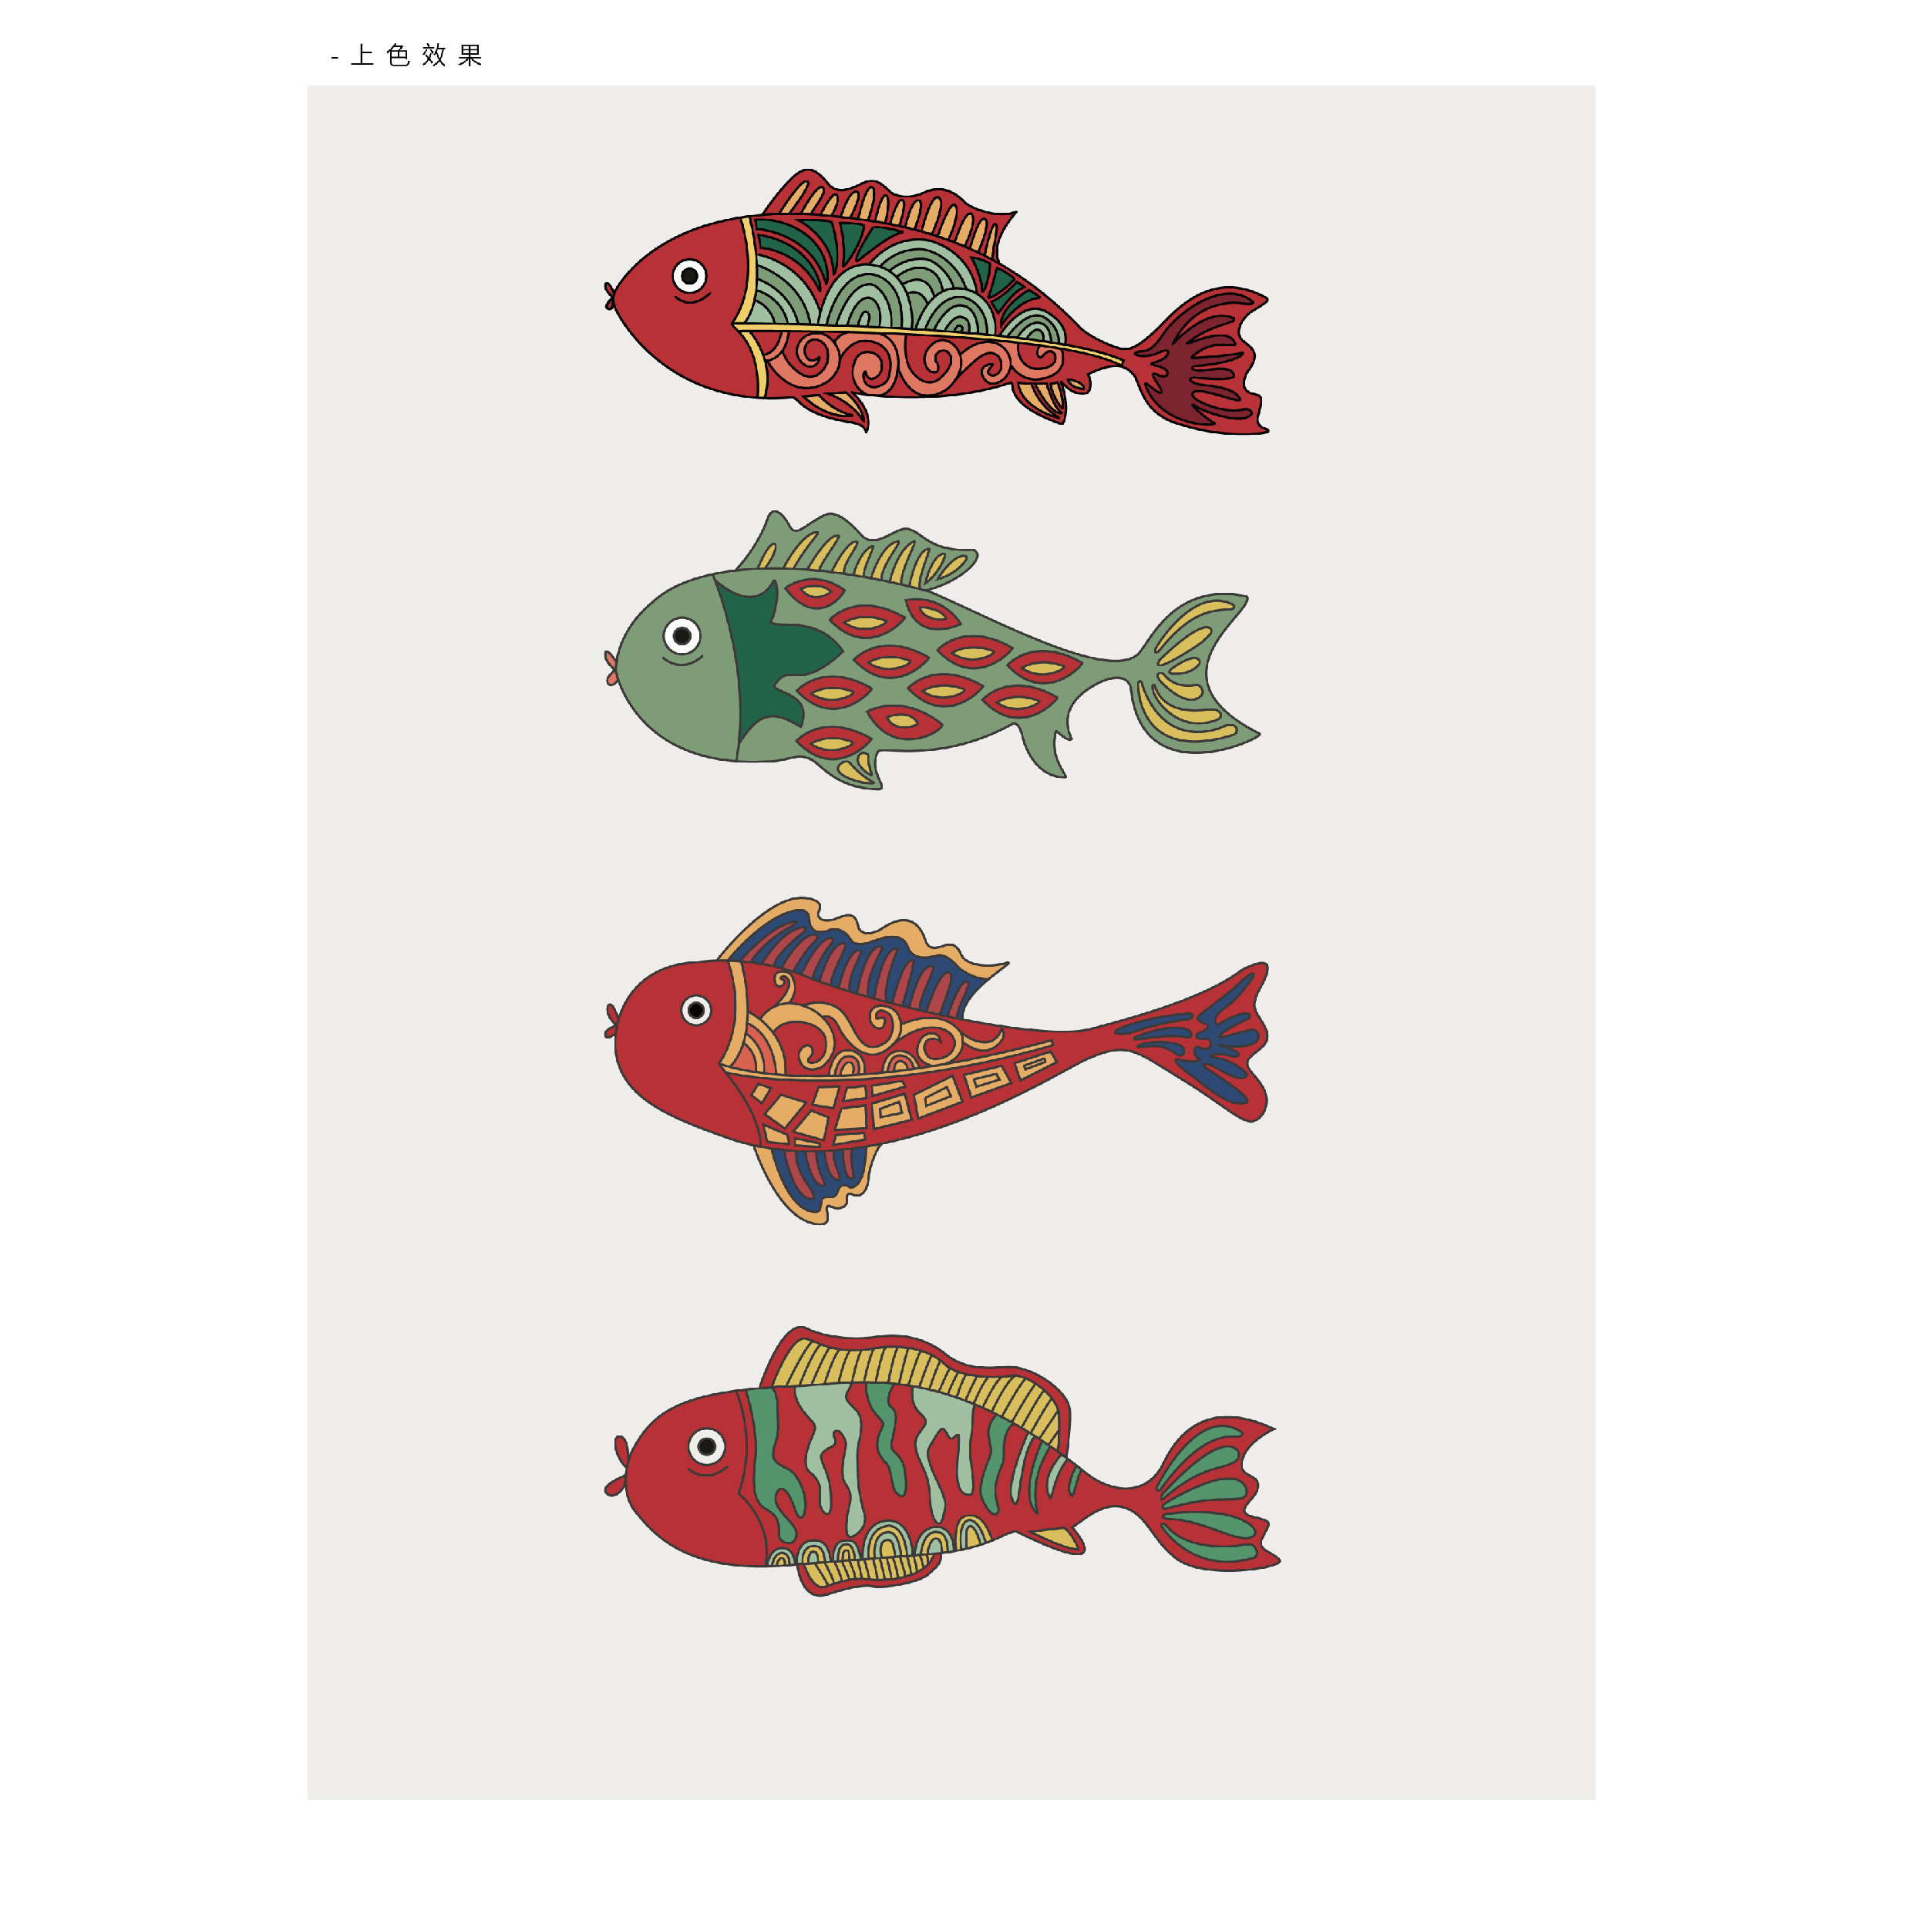 喜鱼-以鱼为元素作图形创意设计 平面 图案 yuyin1114图片